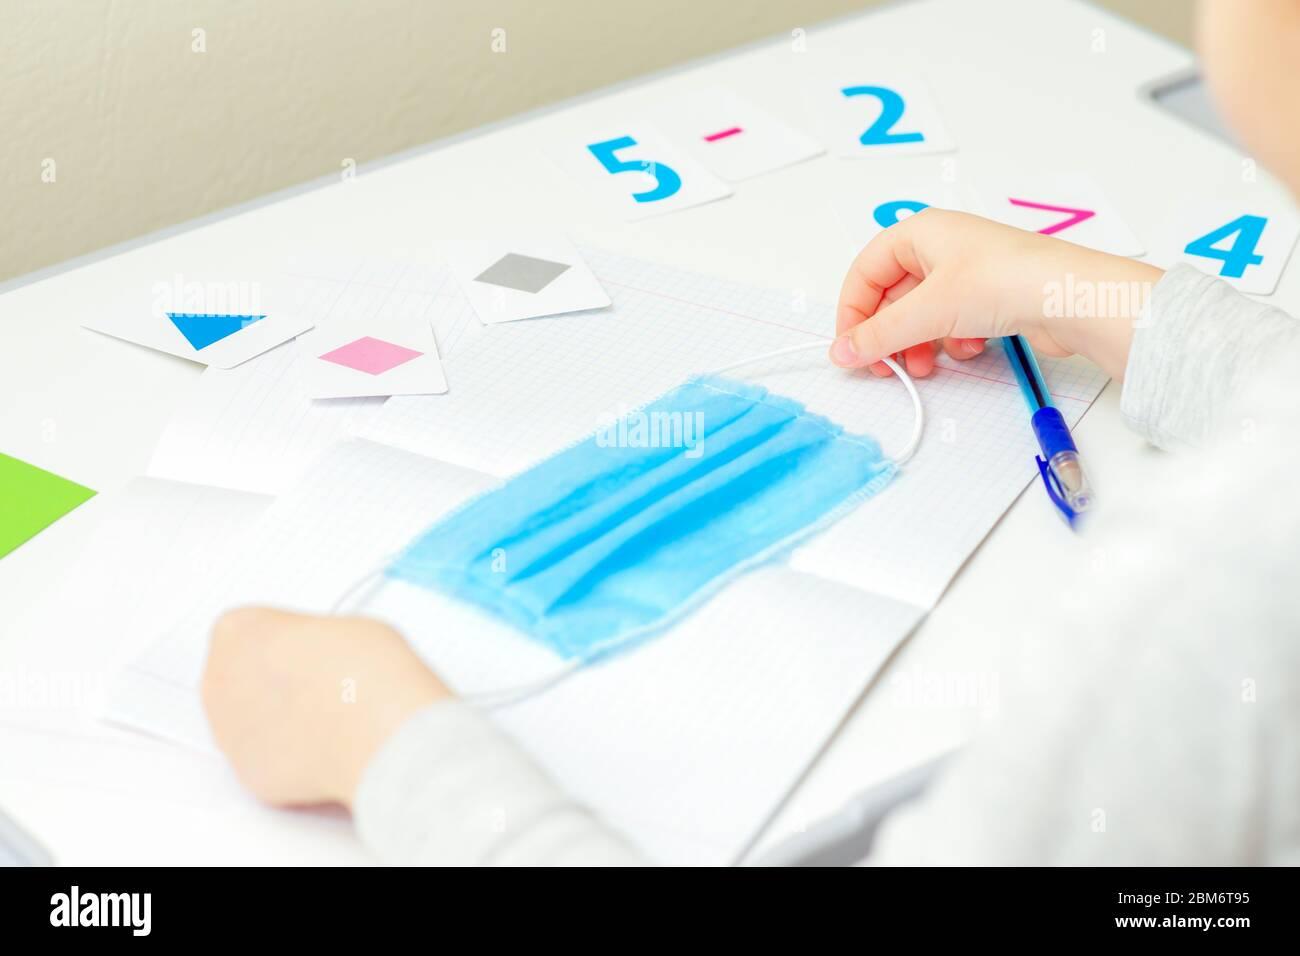 Mani per bambini che tengono una maschera protettiva medica sul notebook della scuola a casa. Concetto di apprendimento domestico. Foto Stock